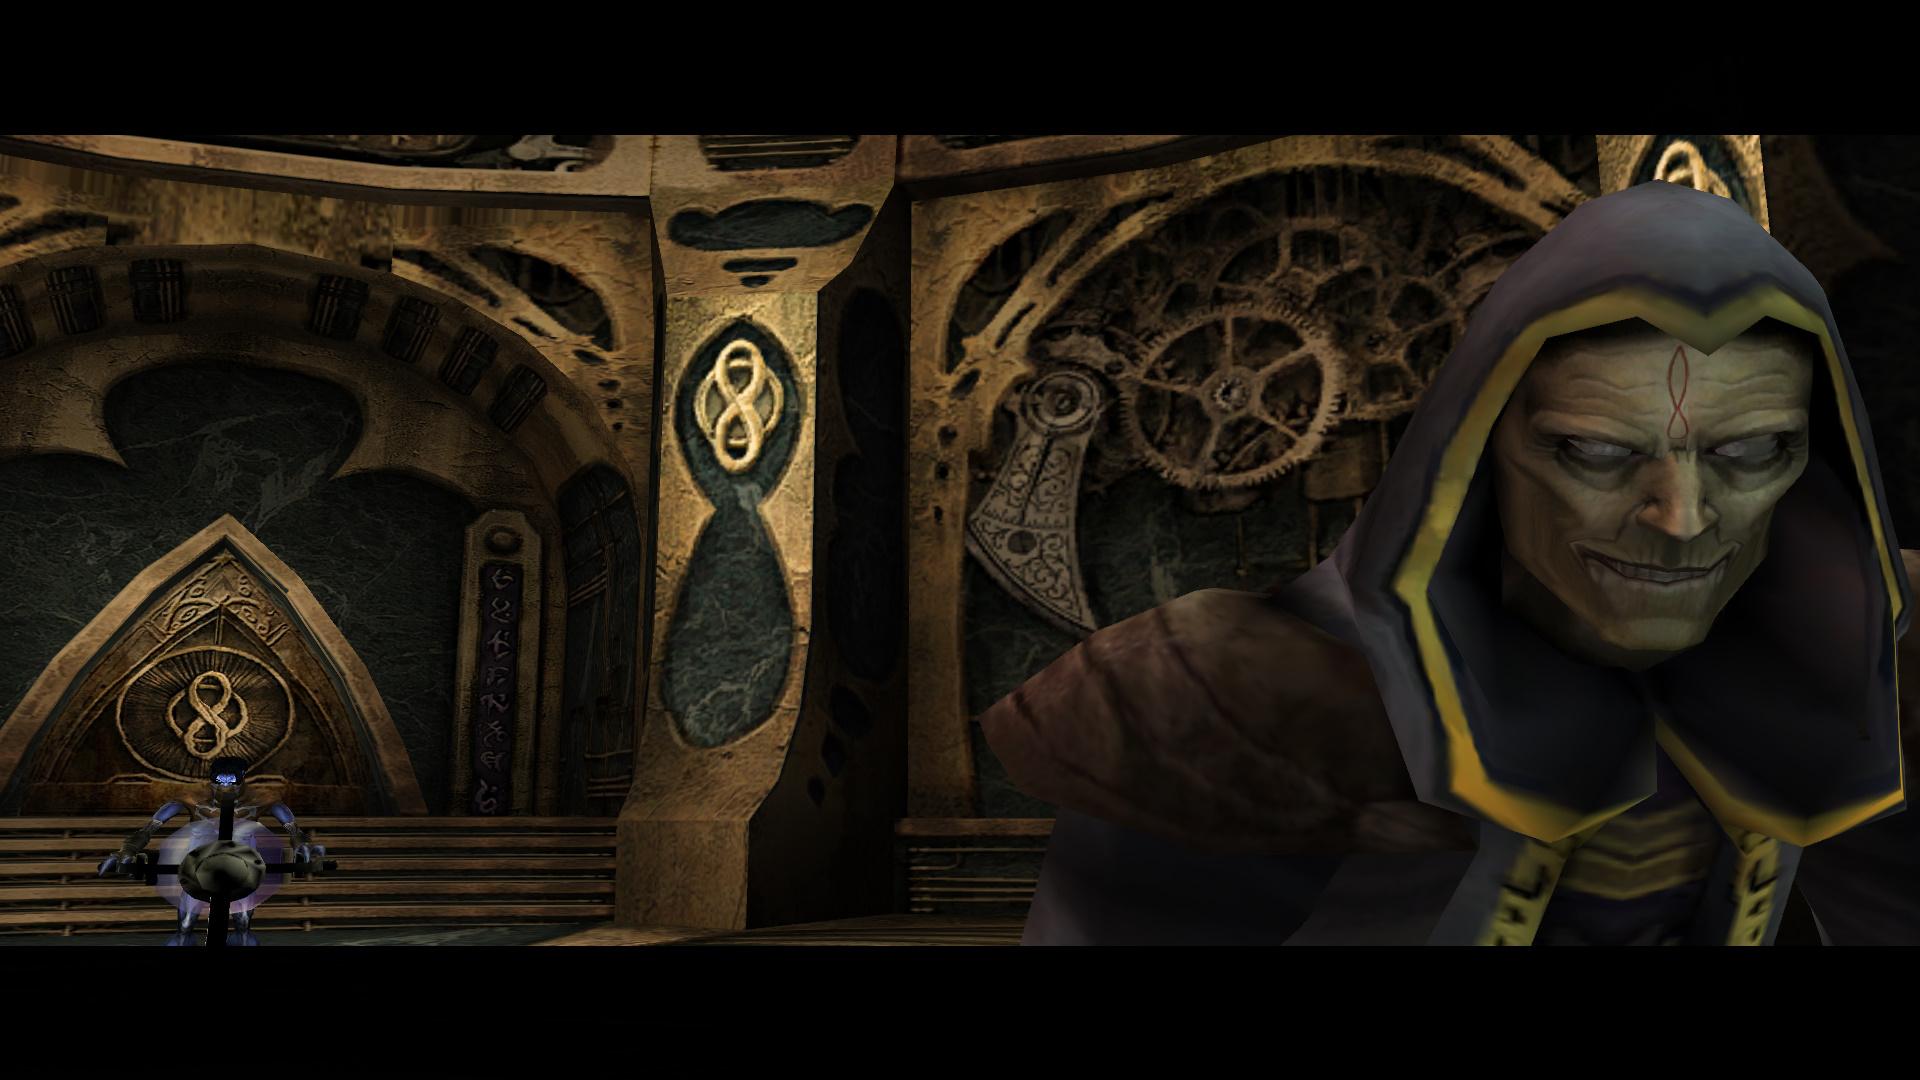 sr2 2019-05-16 20-02-53-435.jpg - Legacy of Kain: Soul Reaver 2